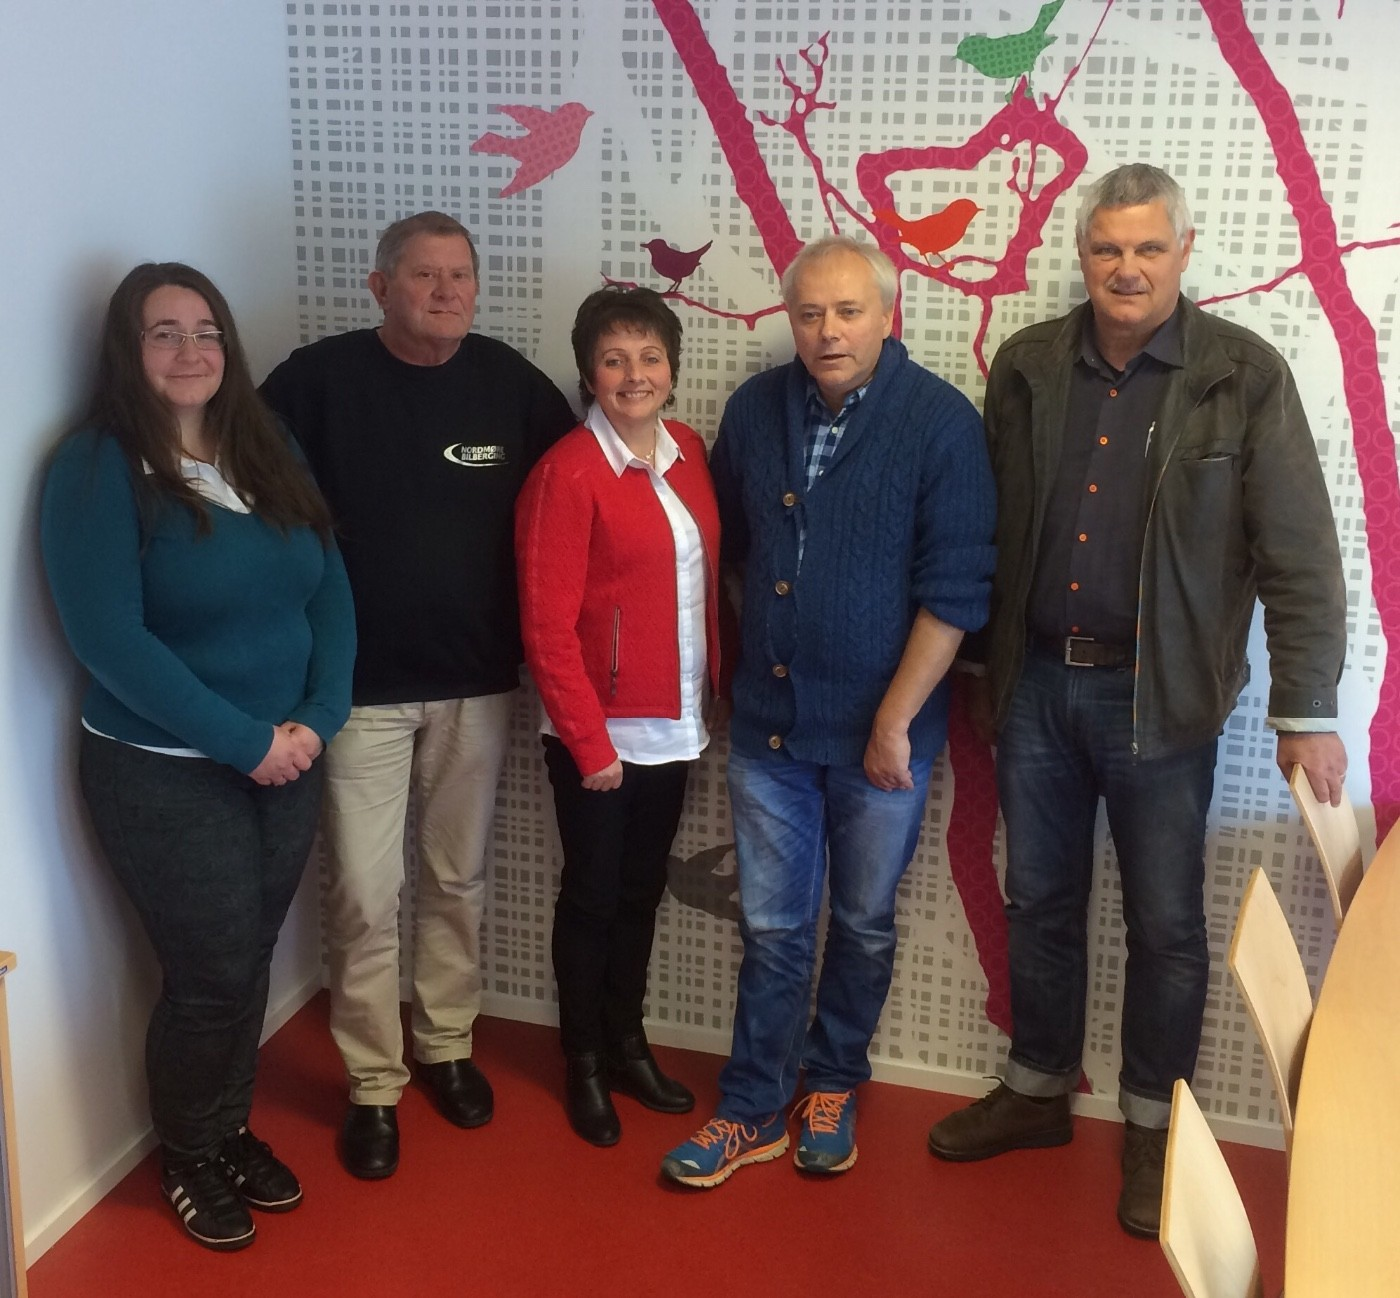 Frå venstre: Joanna Hyldbakk, Reidar Brøske, Lilly Gunn Nyheim, Egil Nedal og Helge Røv